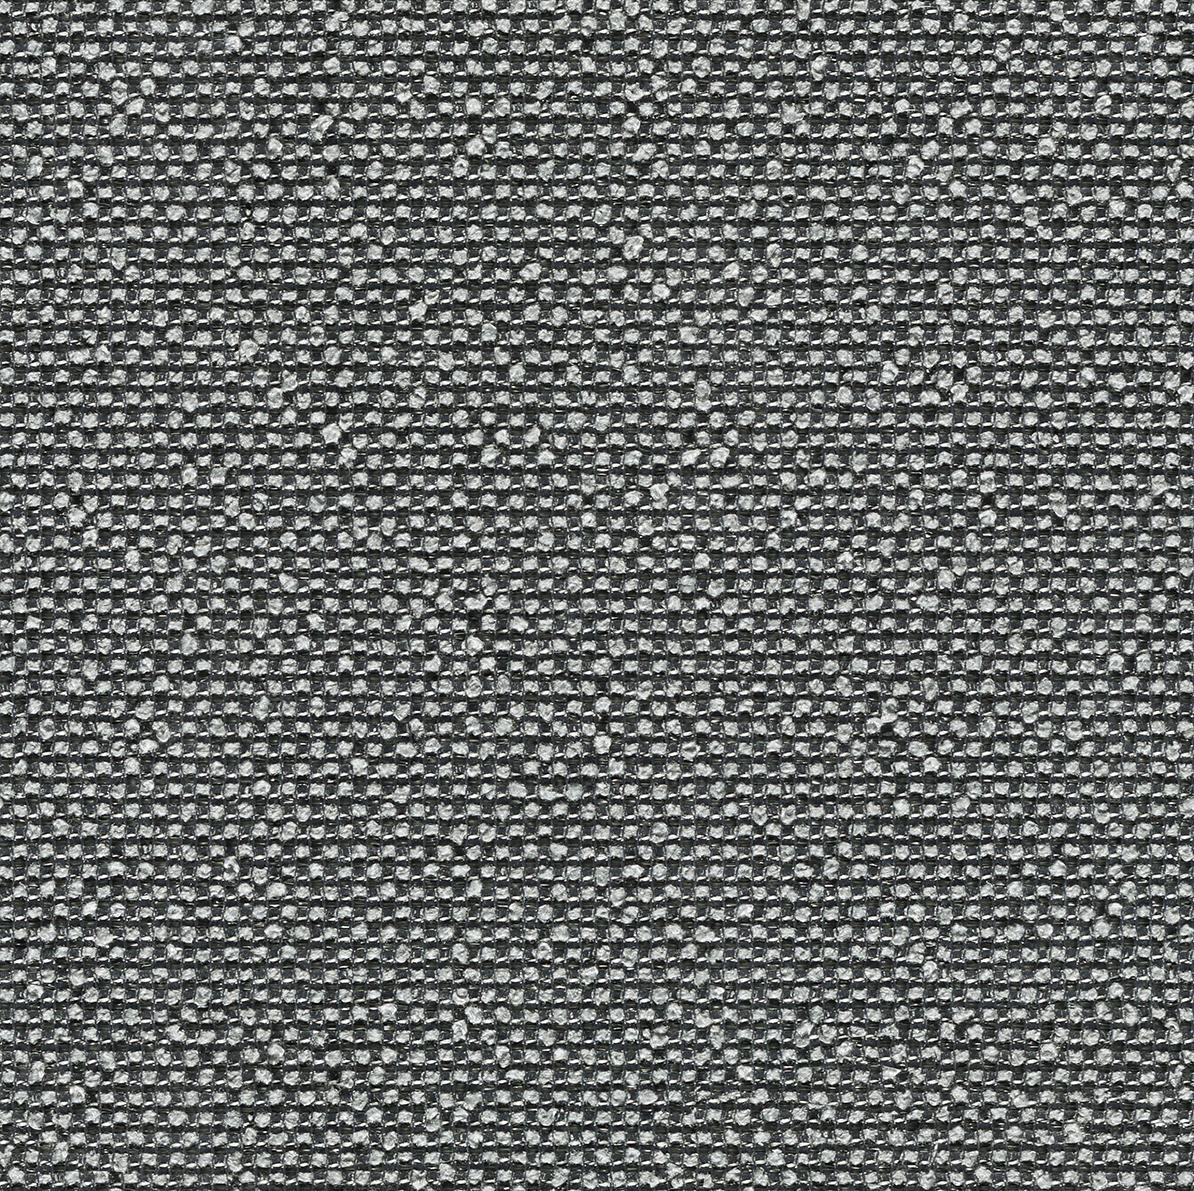 Rhetoric - Pathos - 7017 - 06 Tileable Swatches